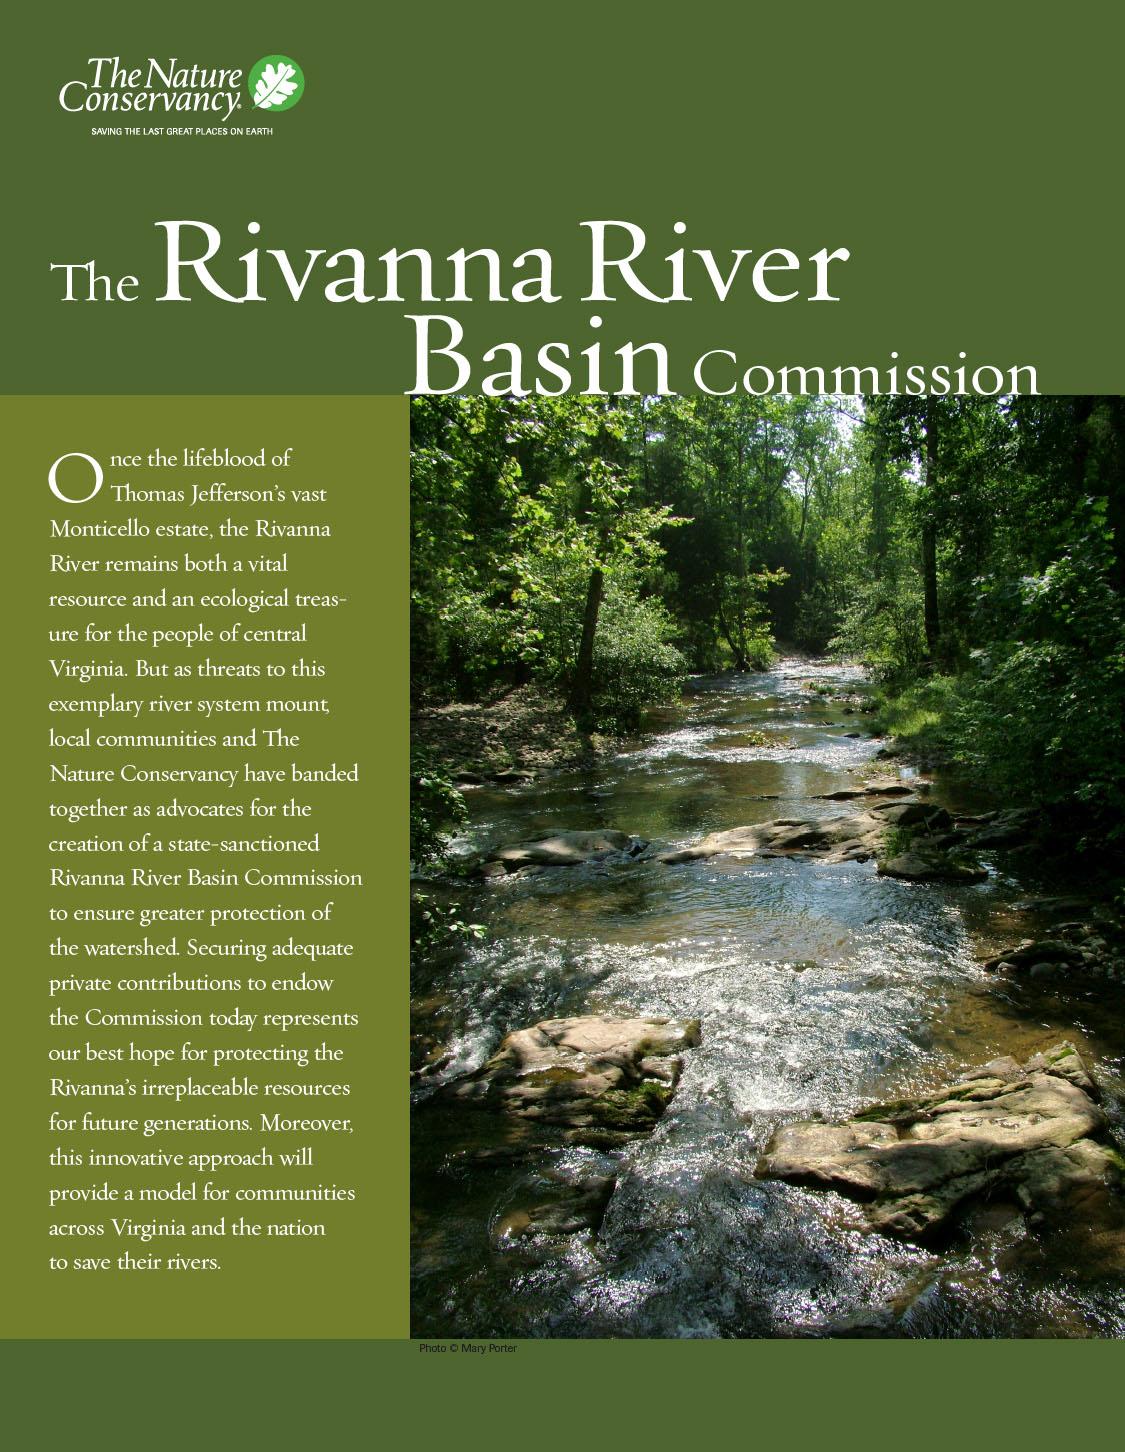 RIVANNA RIVER BASIN